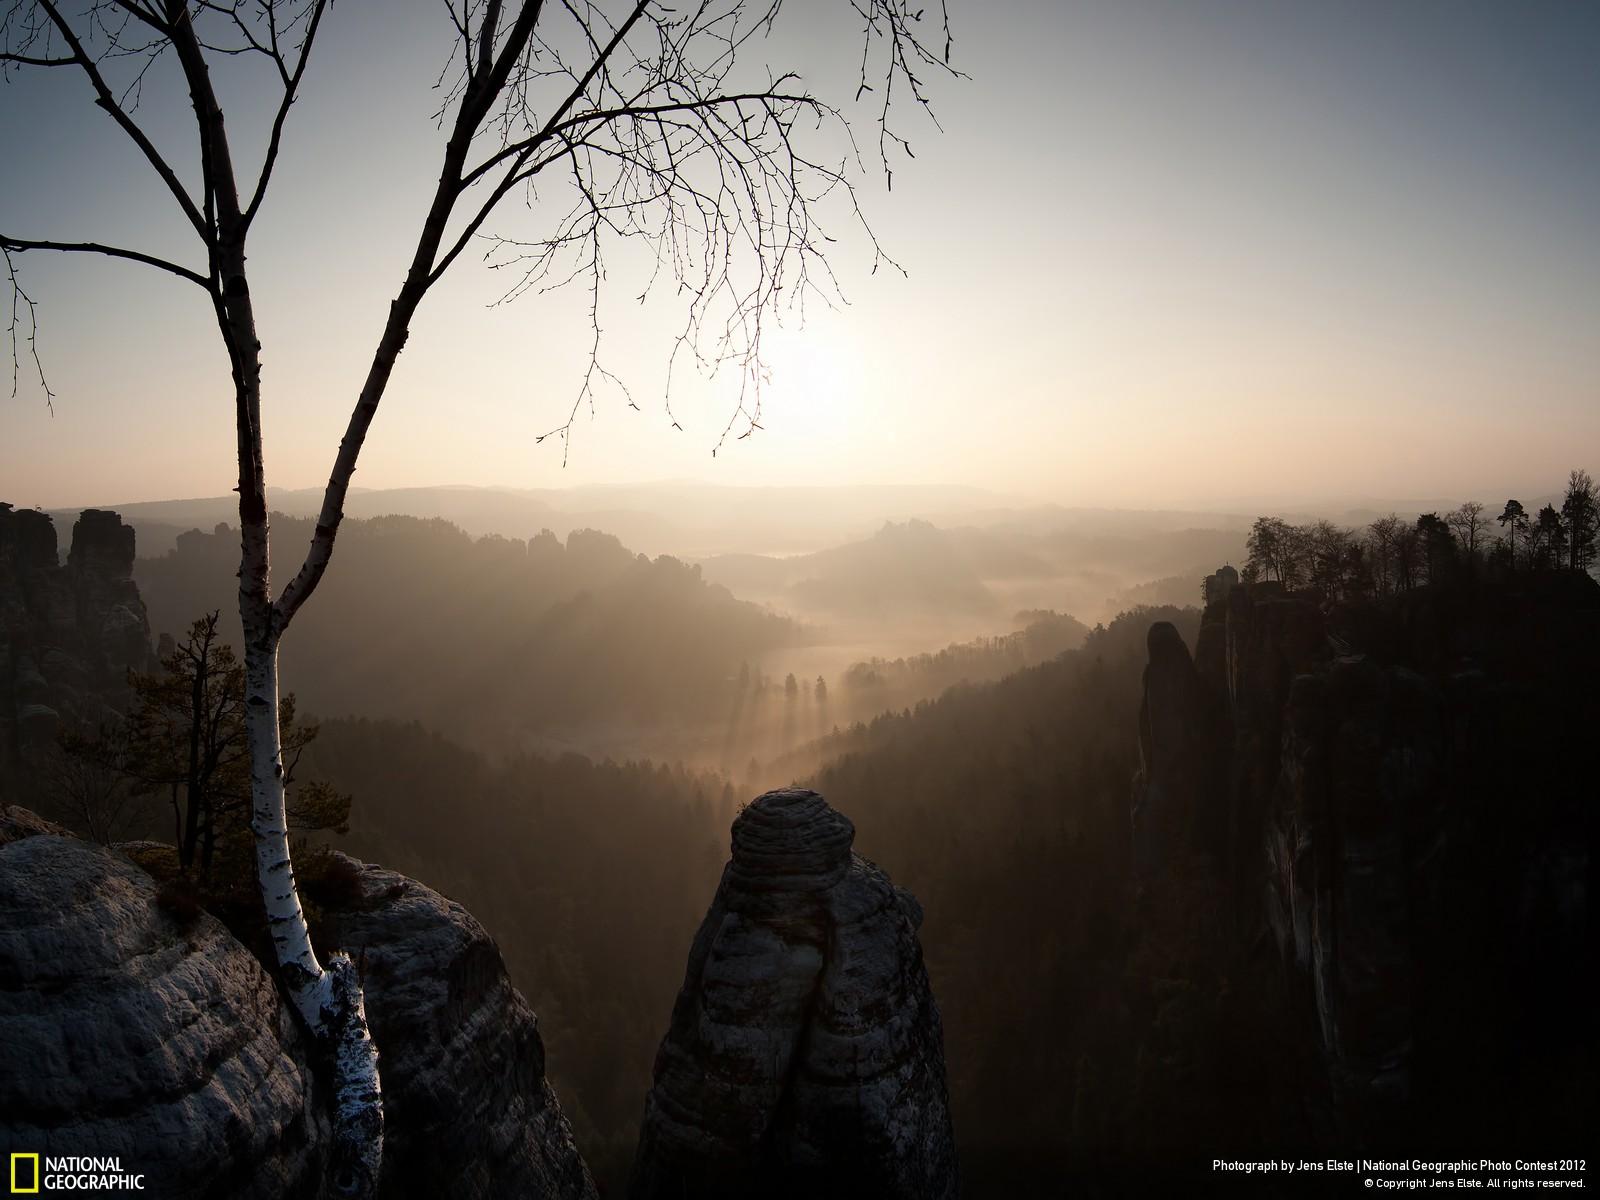 27 Лучшие фотографии за 2012 год по версии National Geographic